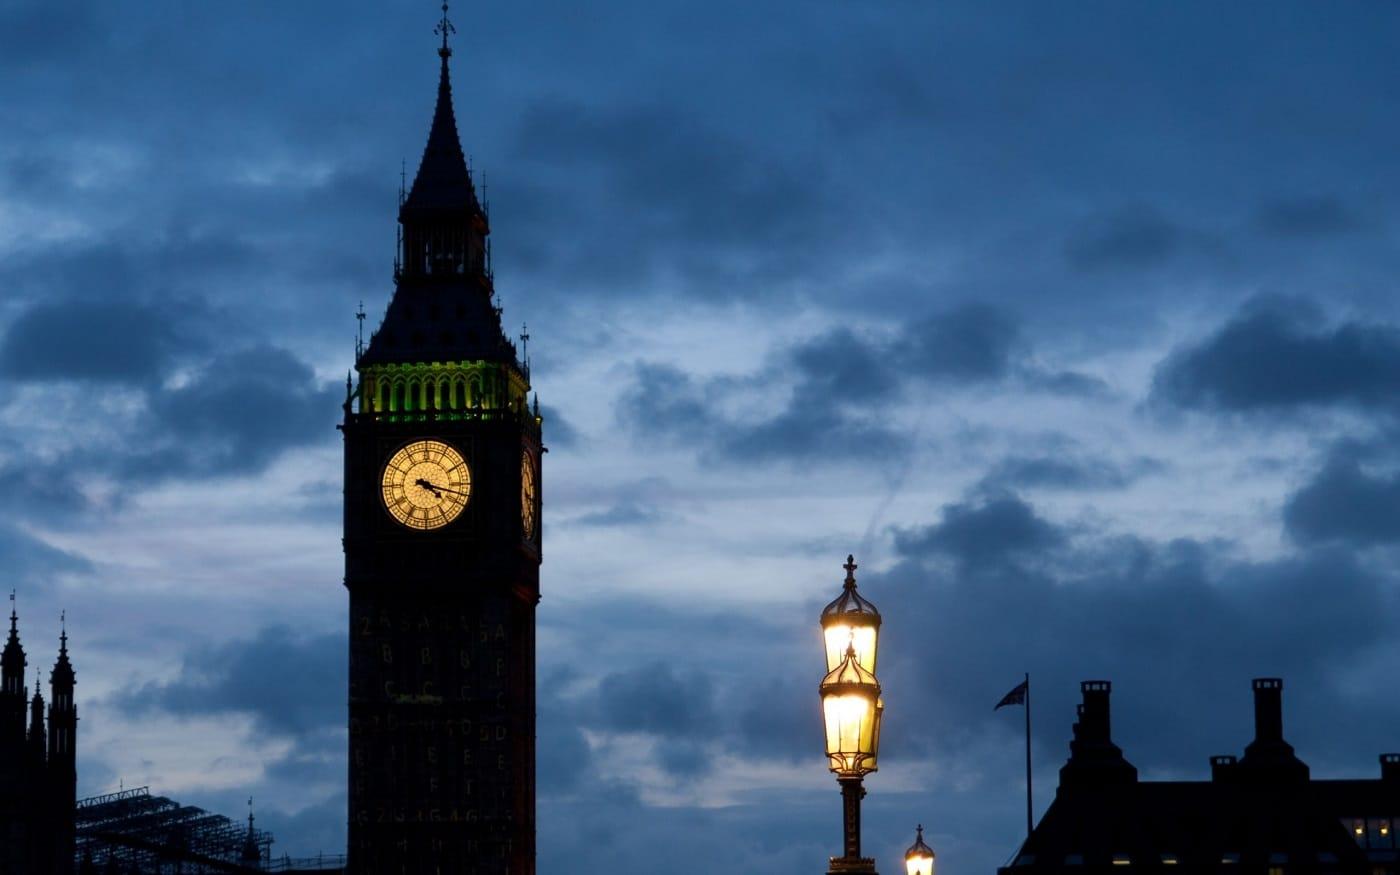 În timpul nopții, ceasul este frumos iluminat